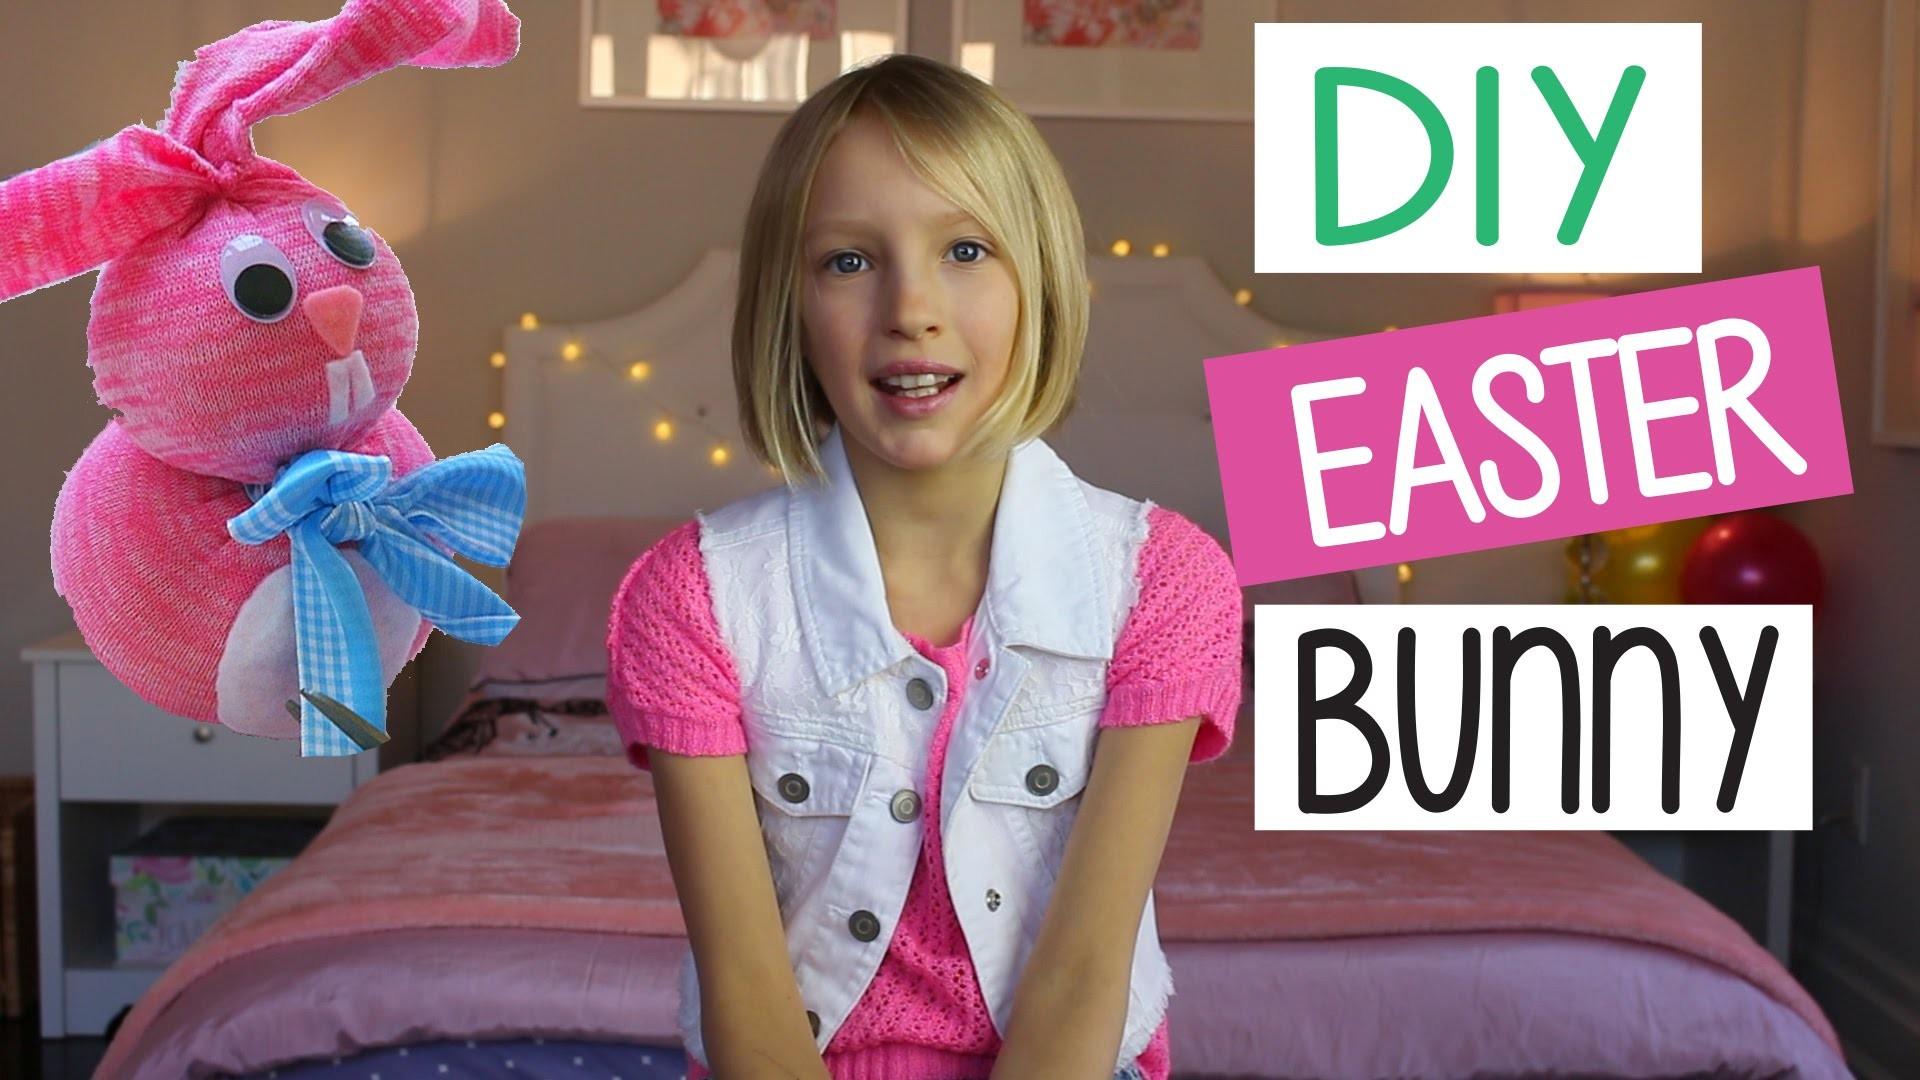 DIY Easter Bunny   Easy Kids Crafts